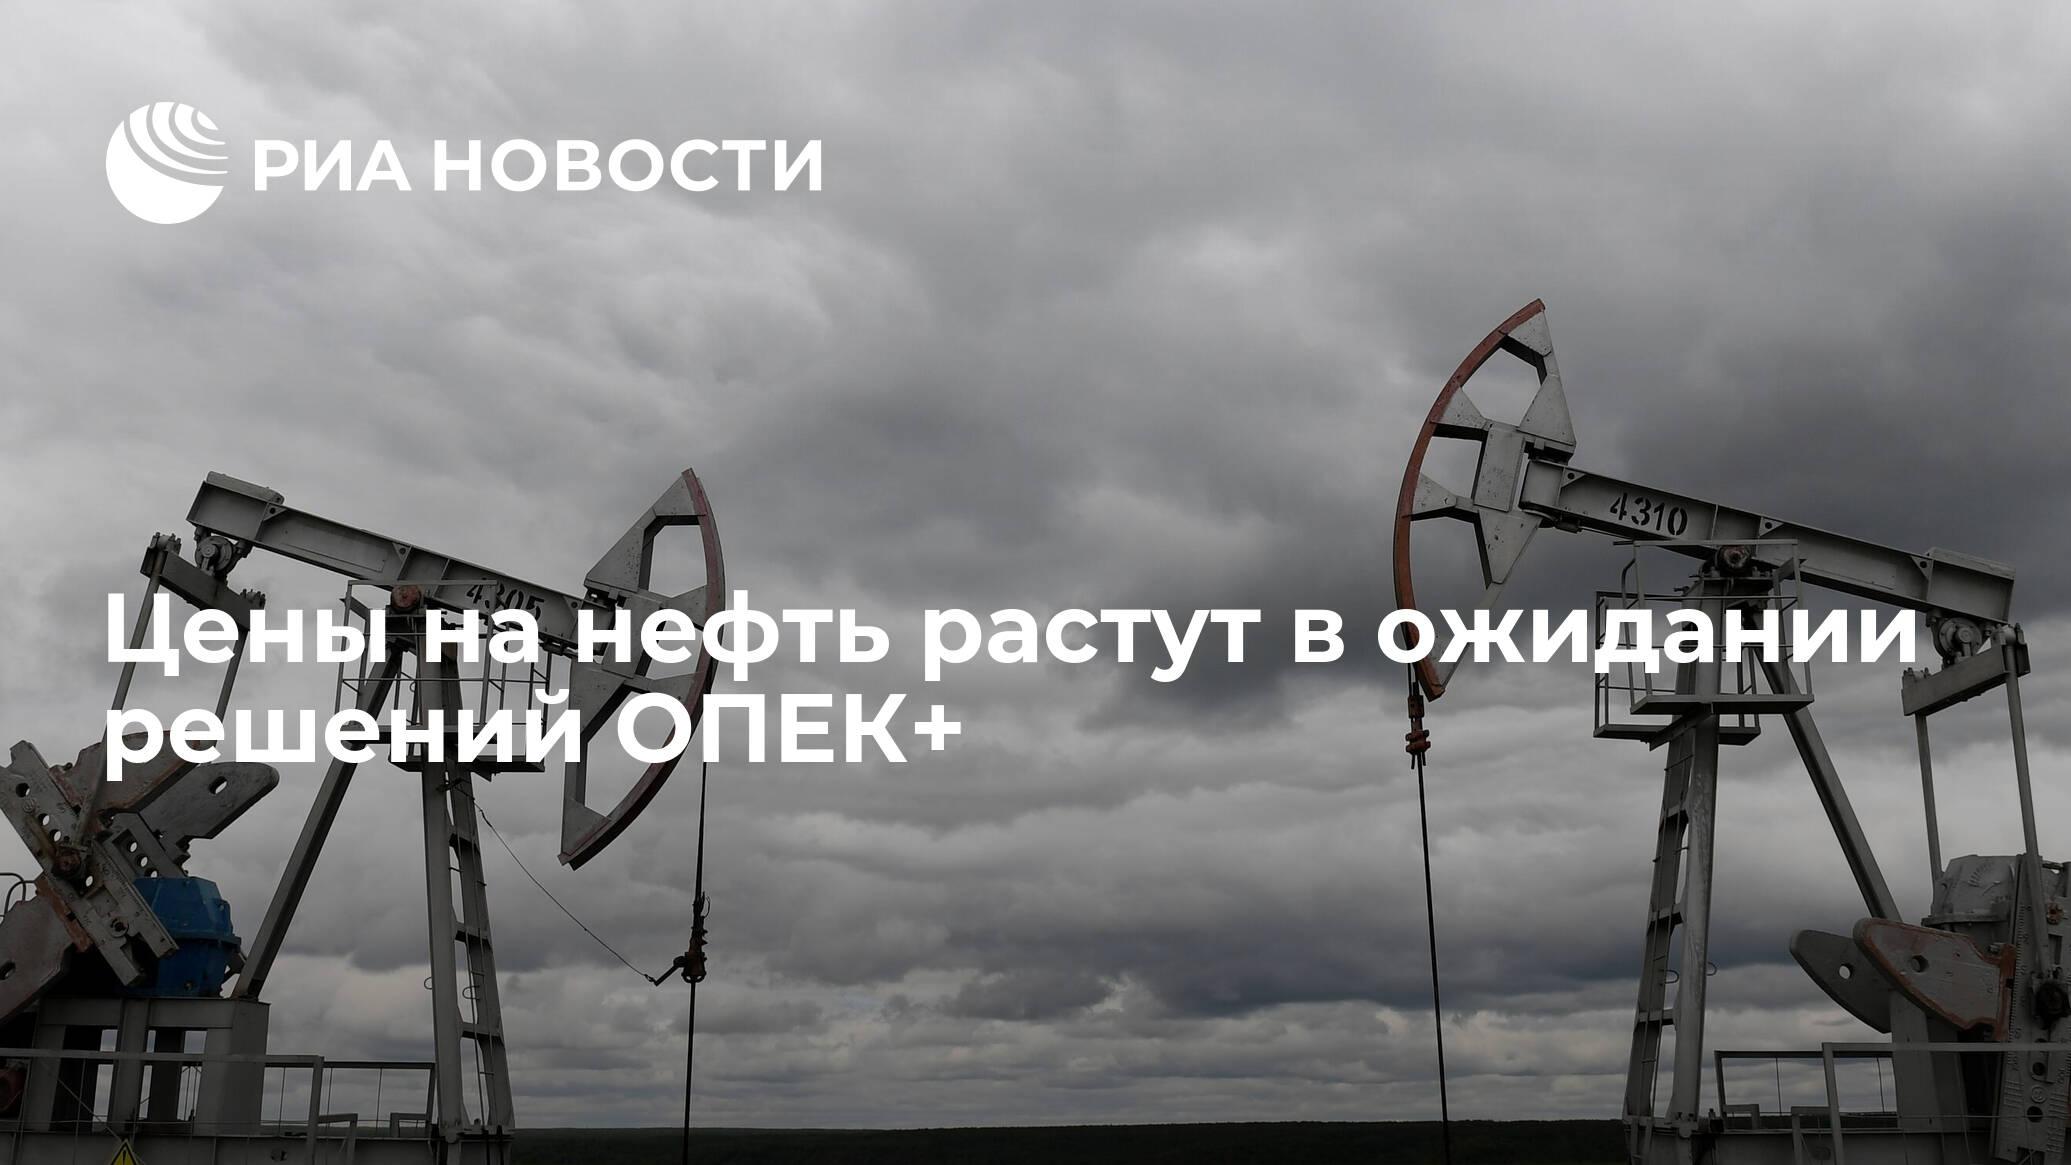 Цены на нефть растут в ожидании решений ОПЕК+ - РИА НОВОСТИ